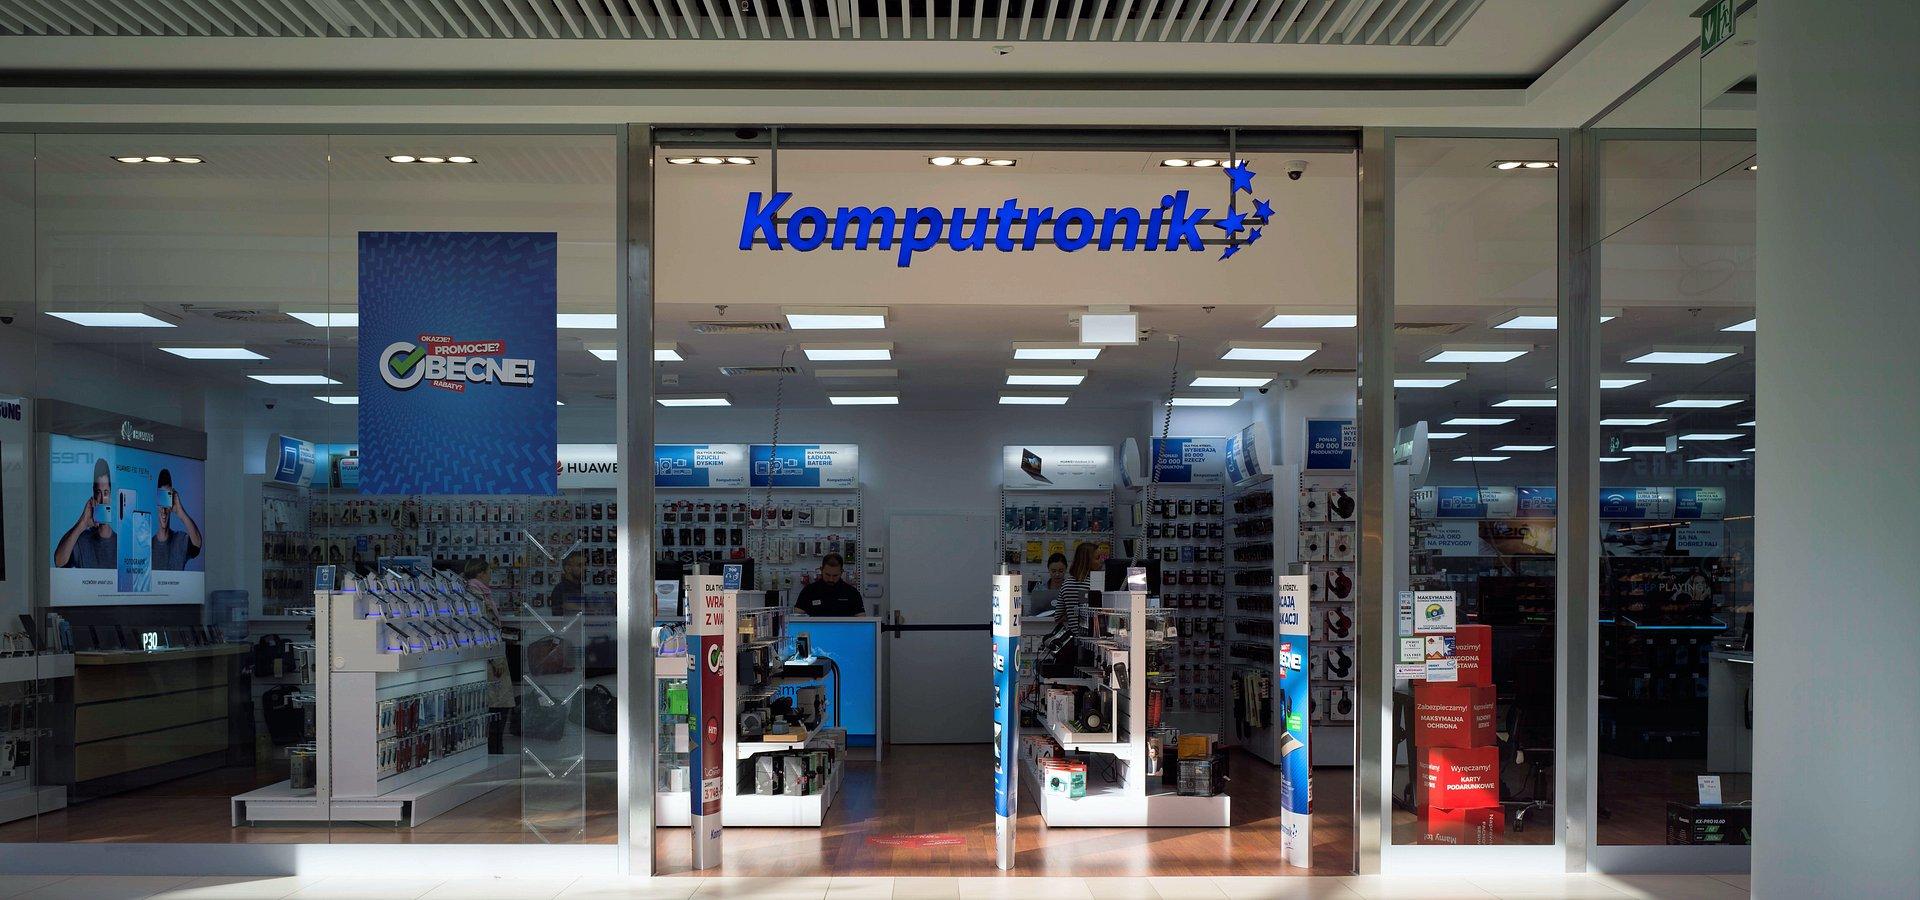 Komputronik Biznes z dedykowaną ofertą dla branży retail i HoReCa